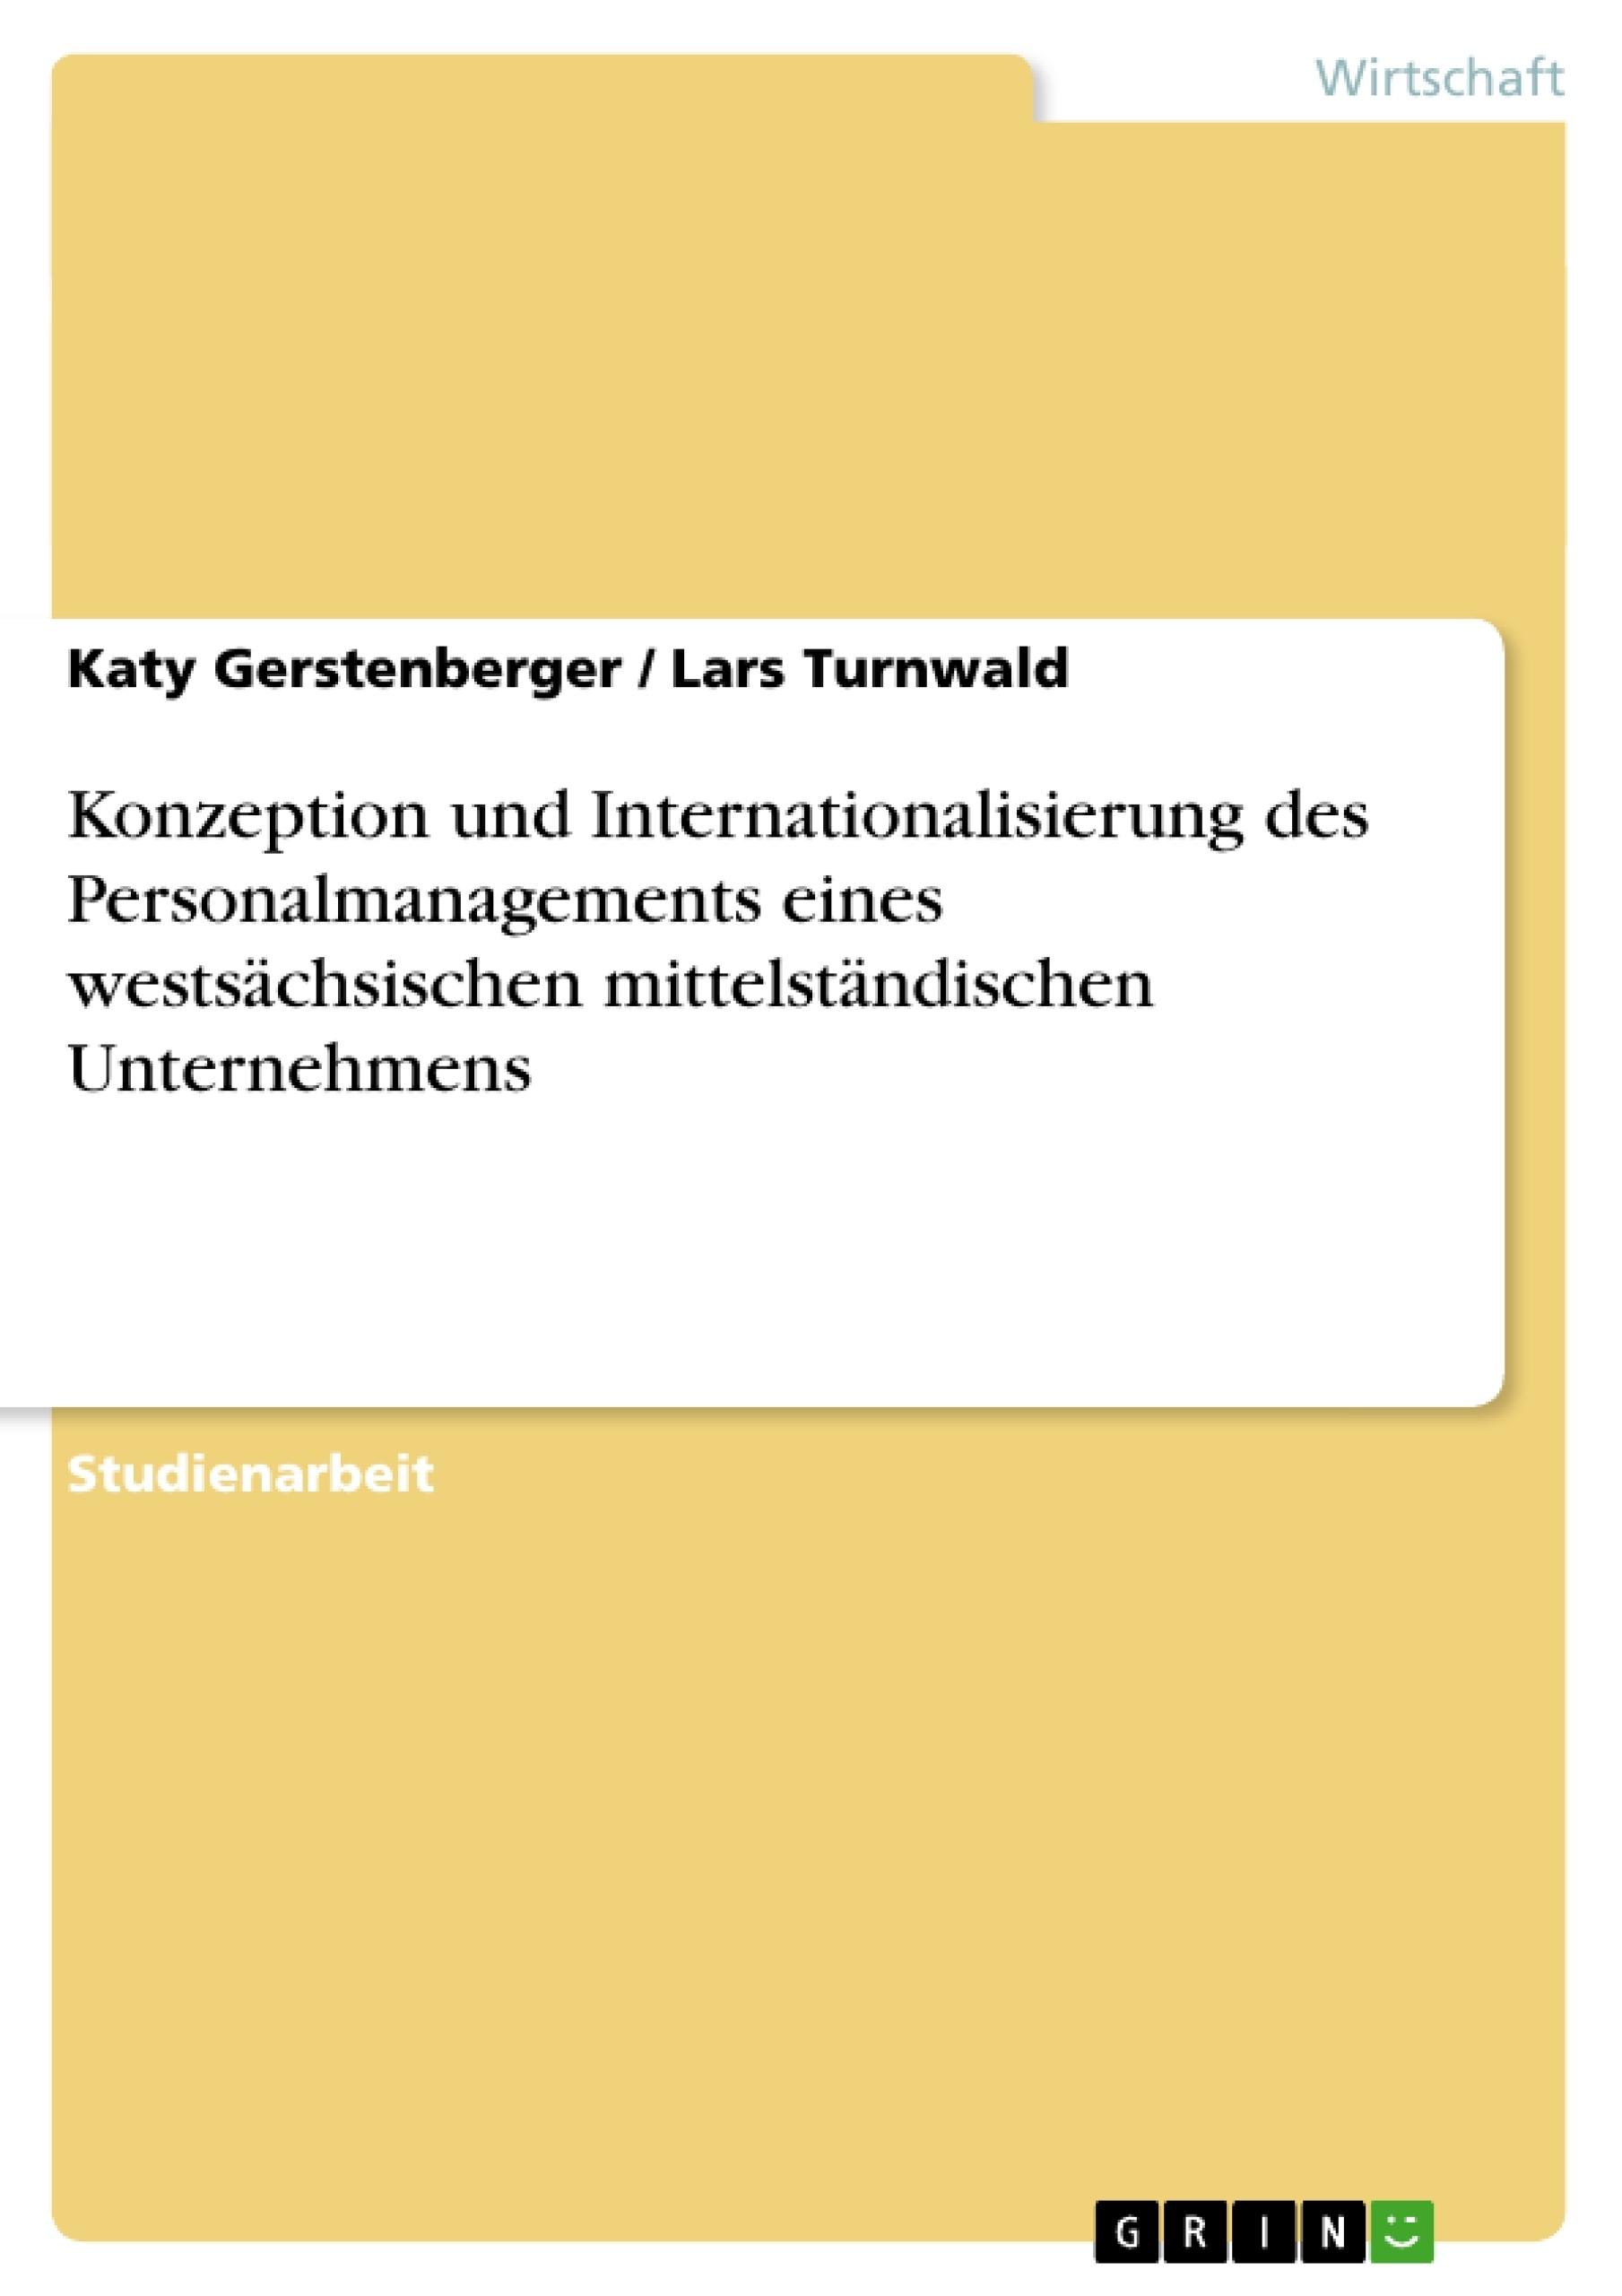 Titel: Konzeption und Internationalisierung des Personalmanagements eines westsächsischen mittelständischen Unternehmens